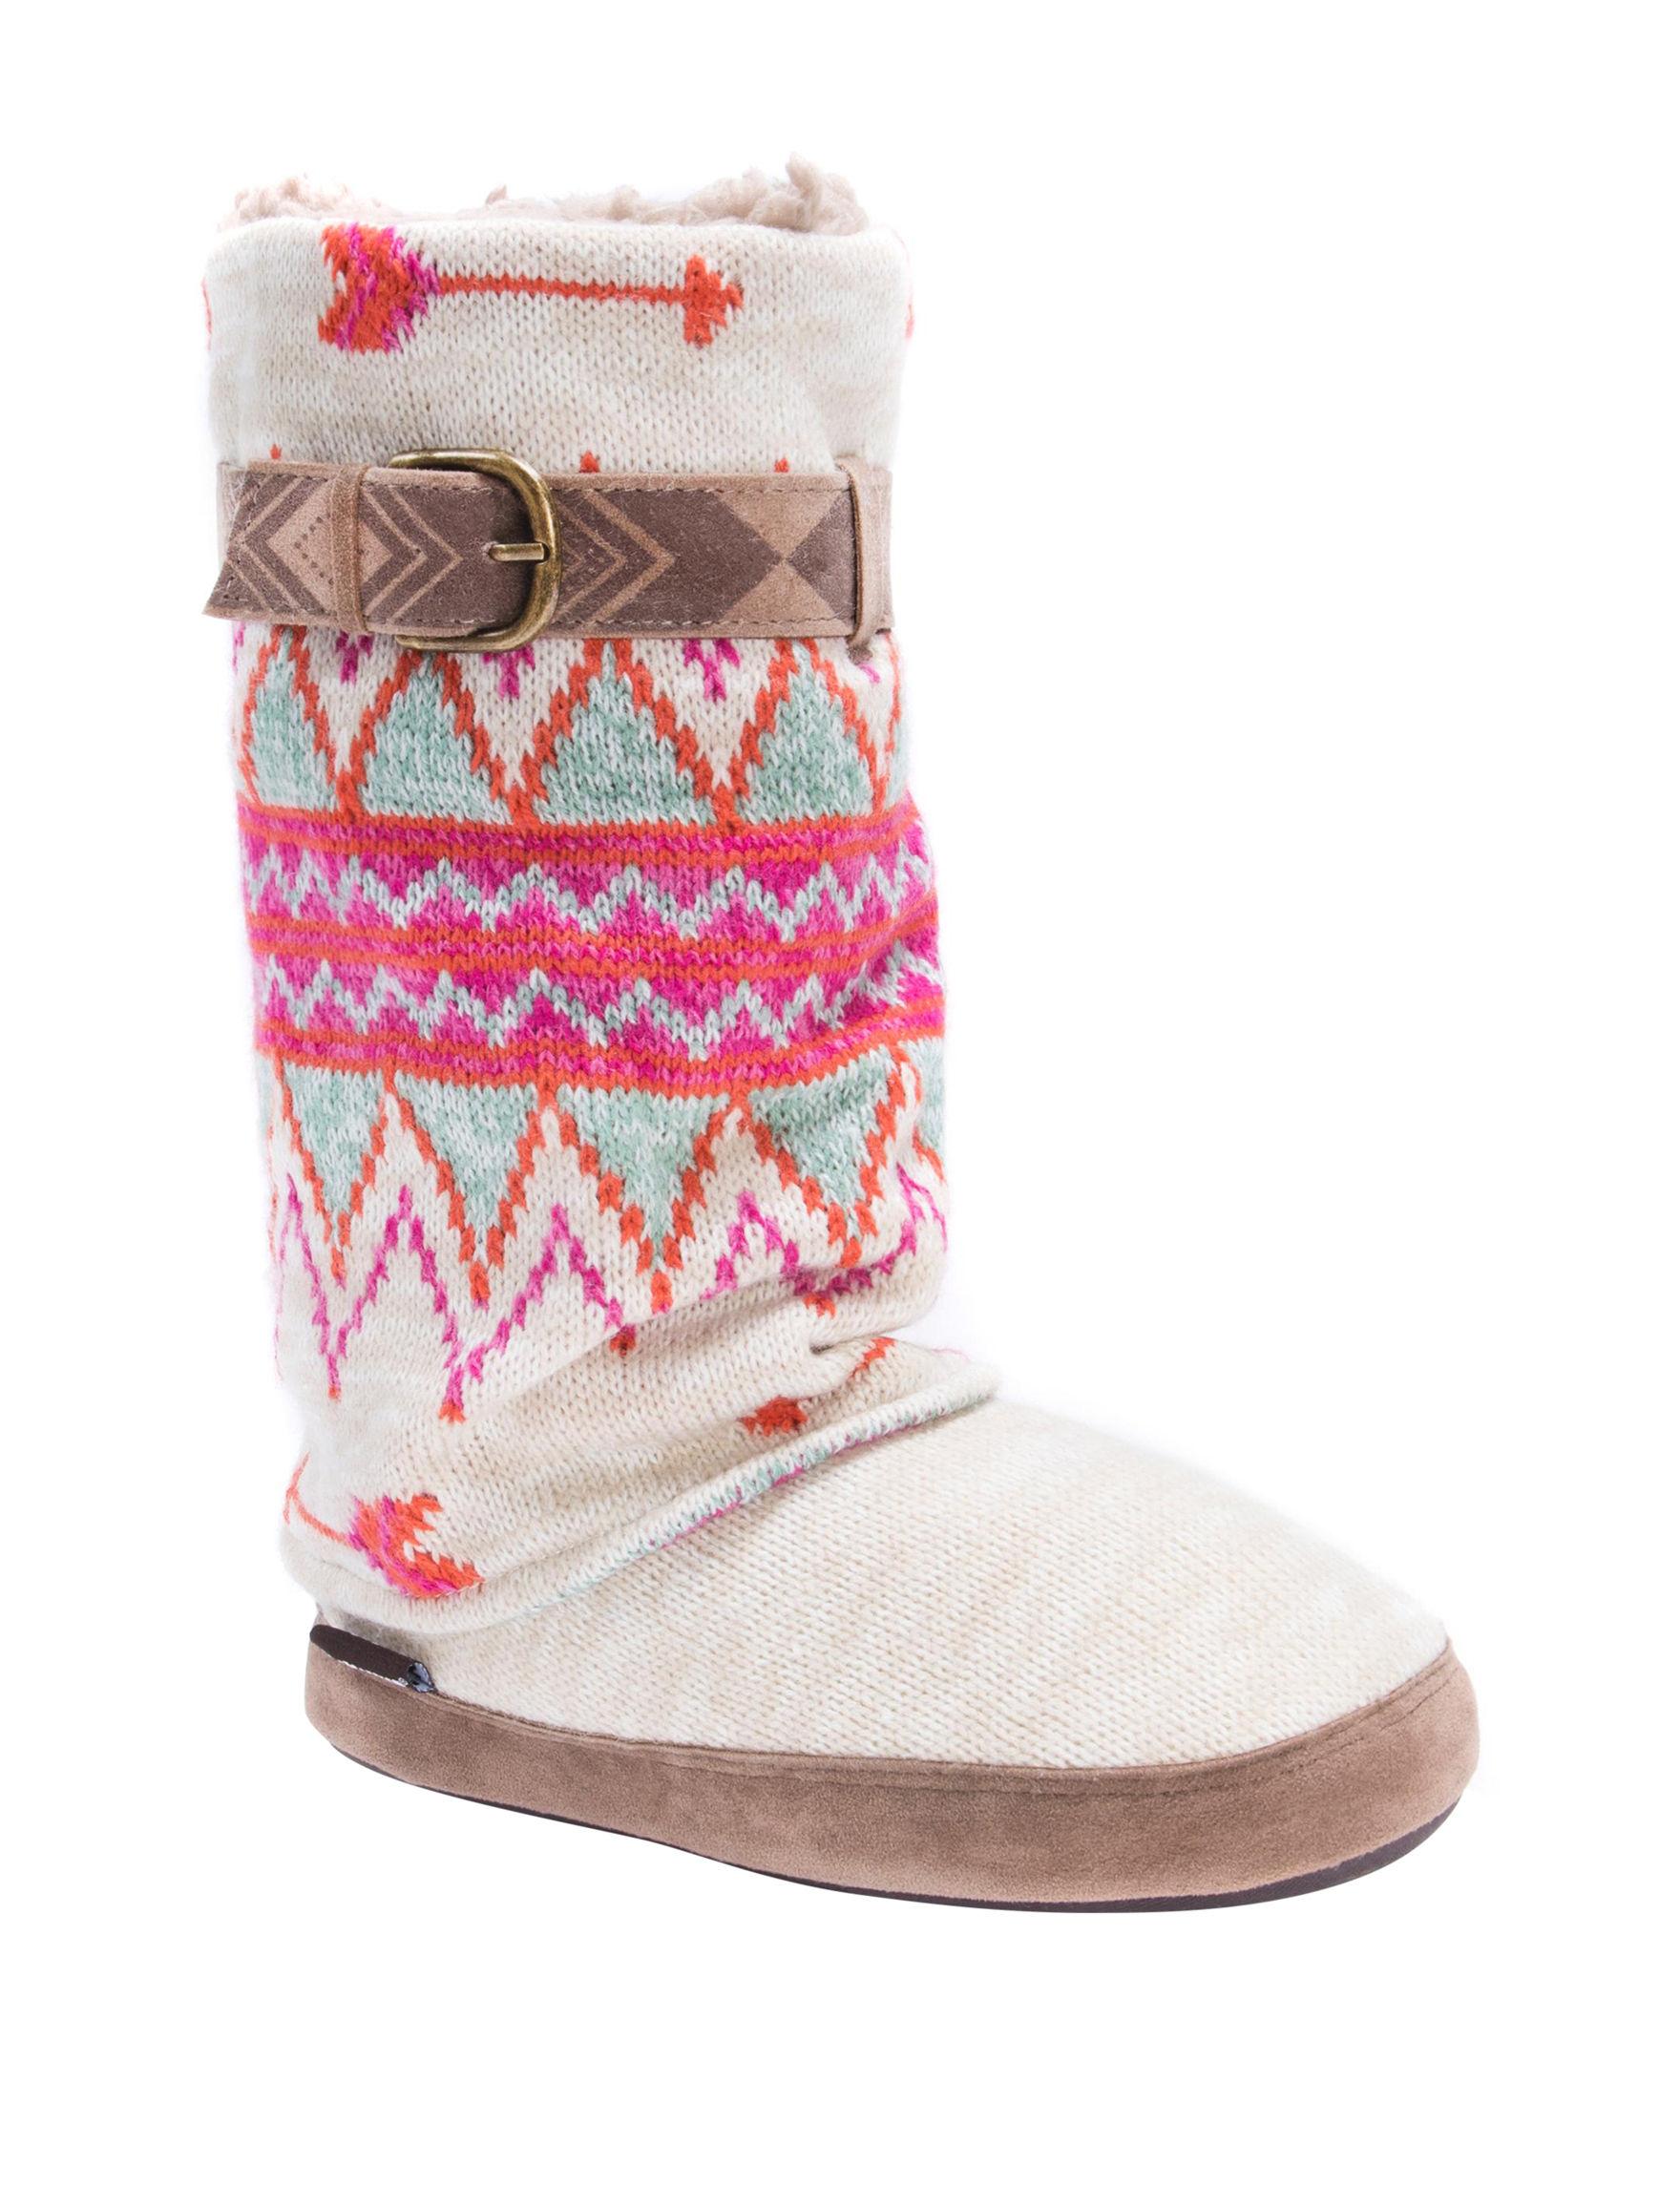 Muk Luks Cream Slipper Boots & Booties